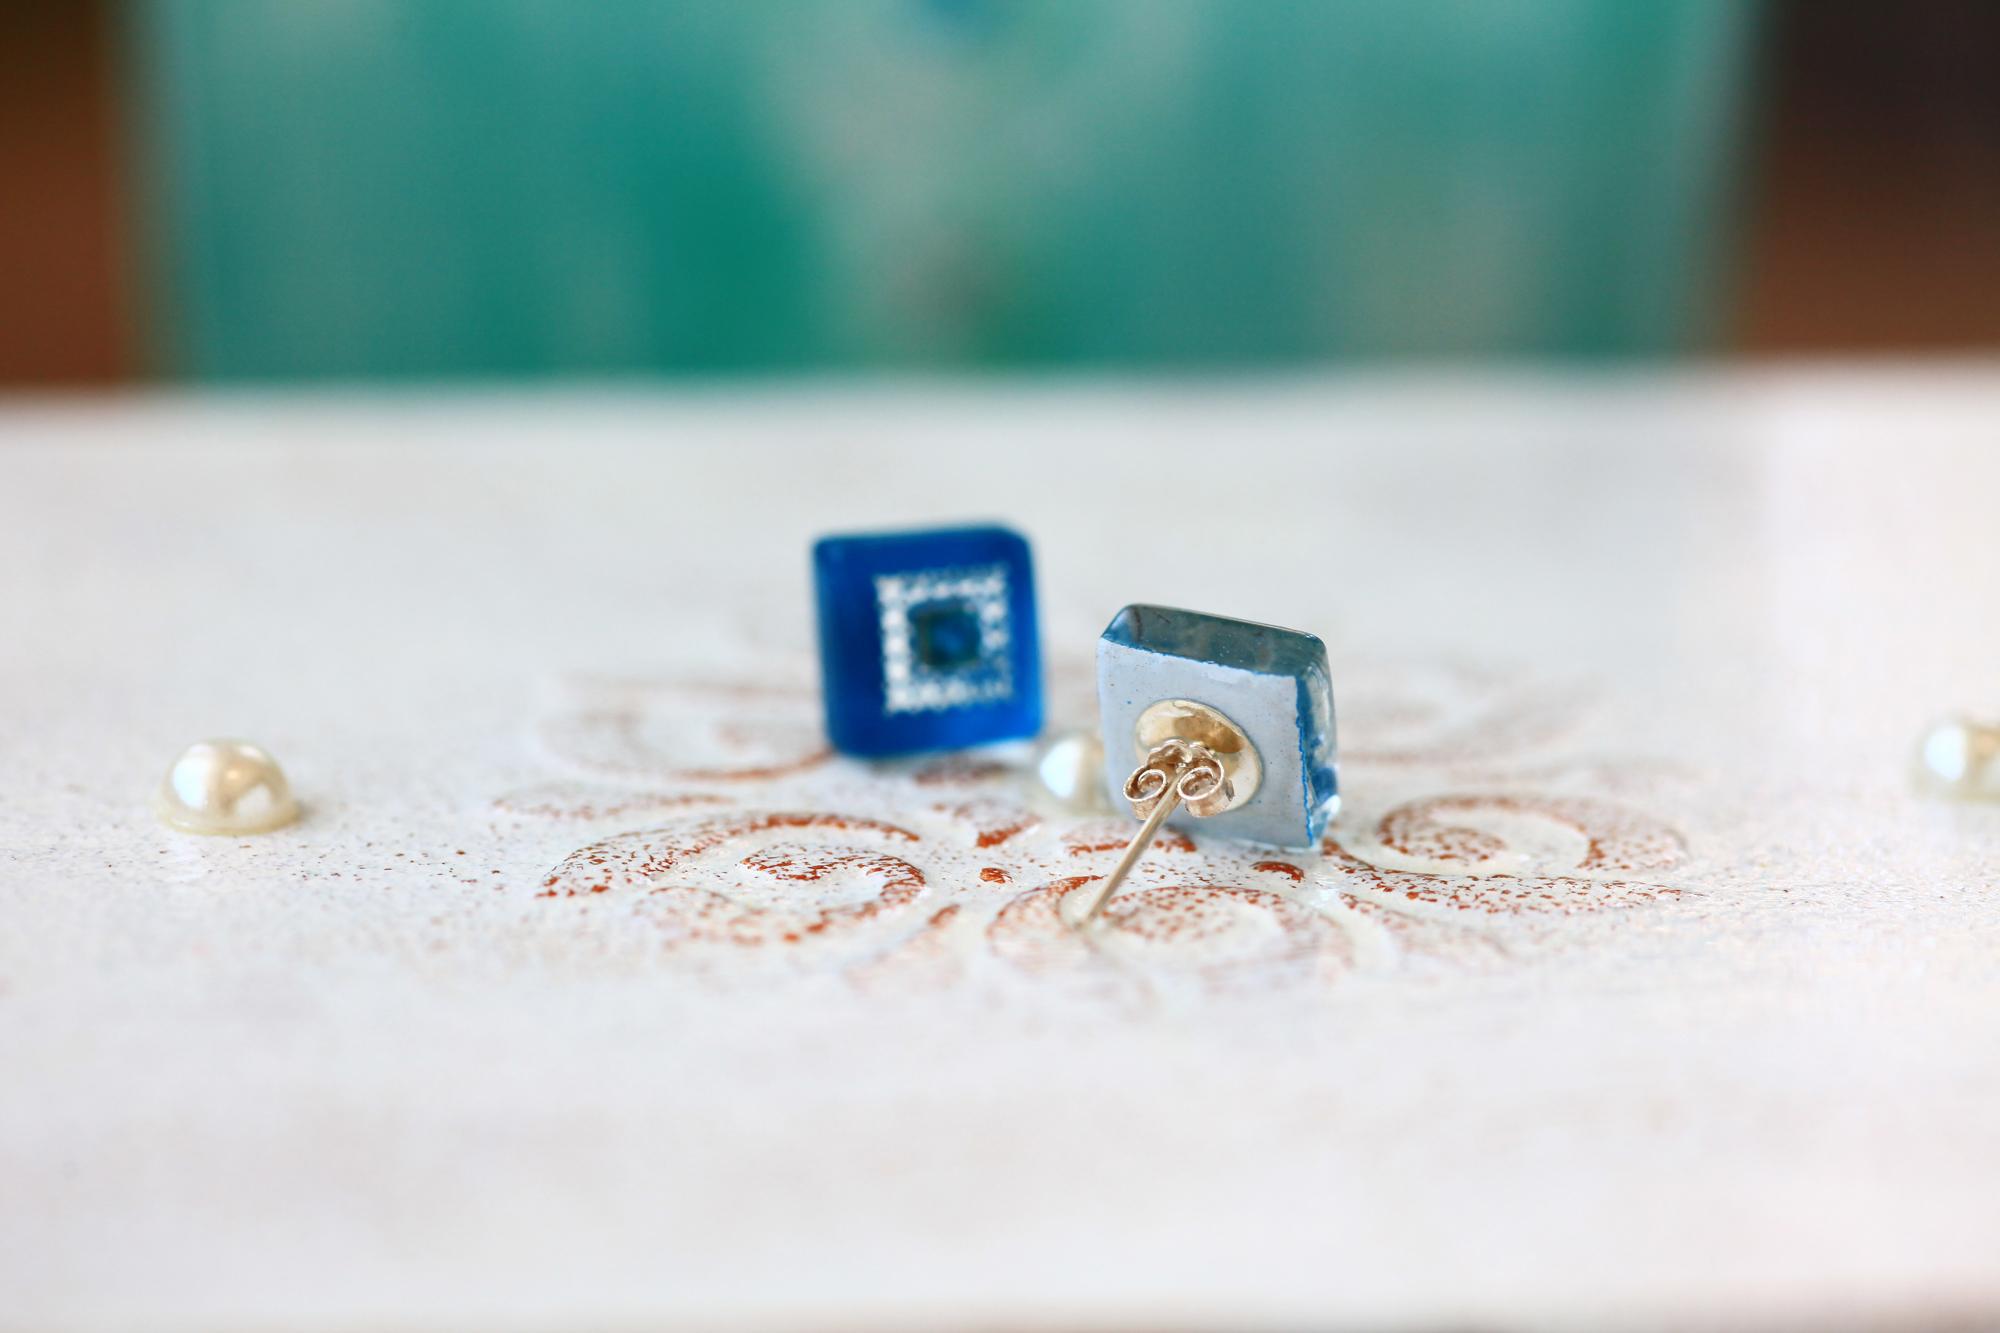 時尚摩登藍-復古藍(預購)